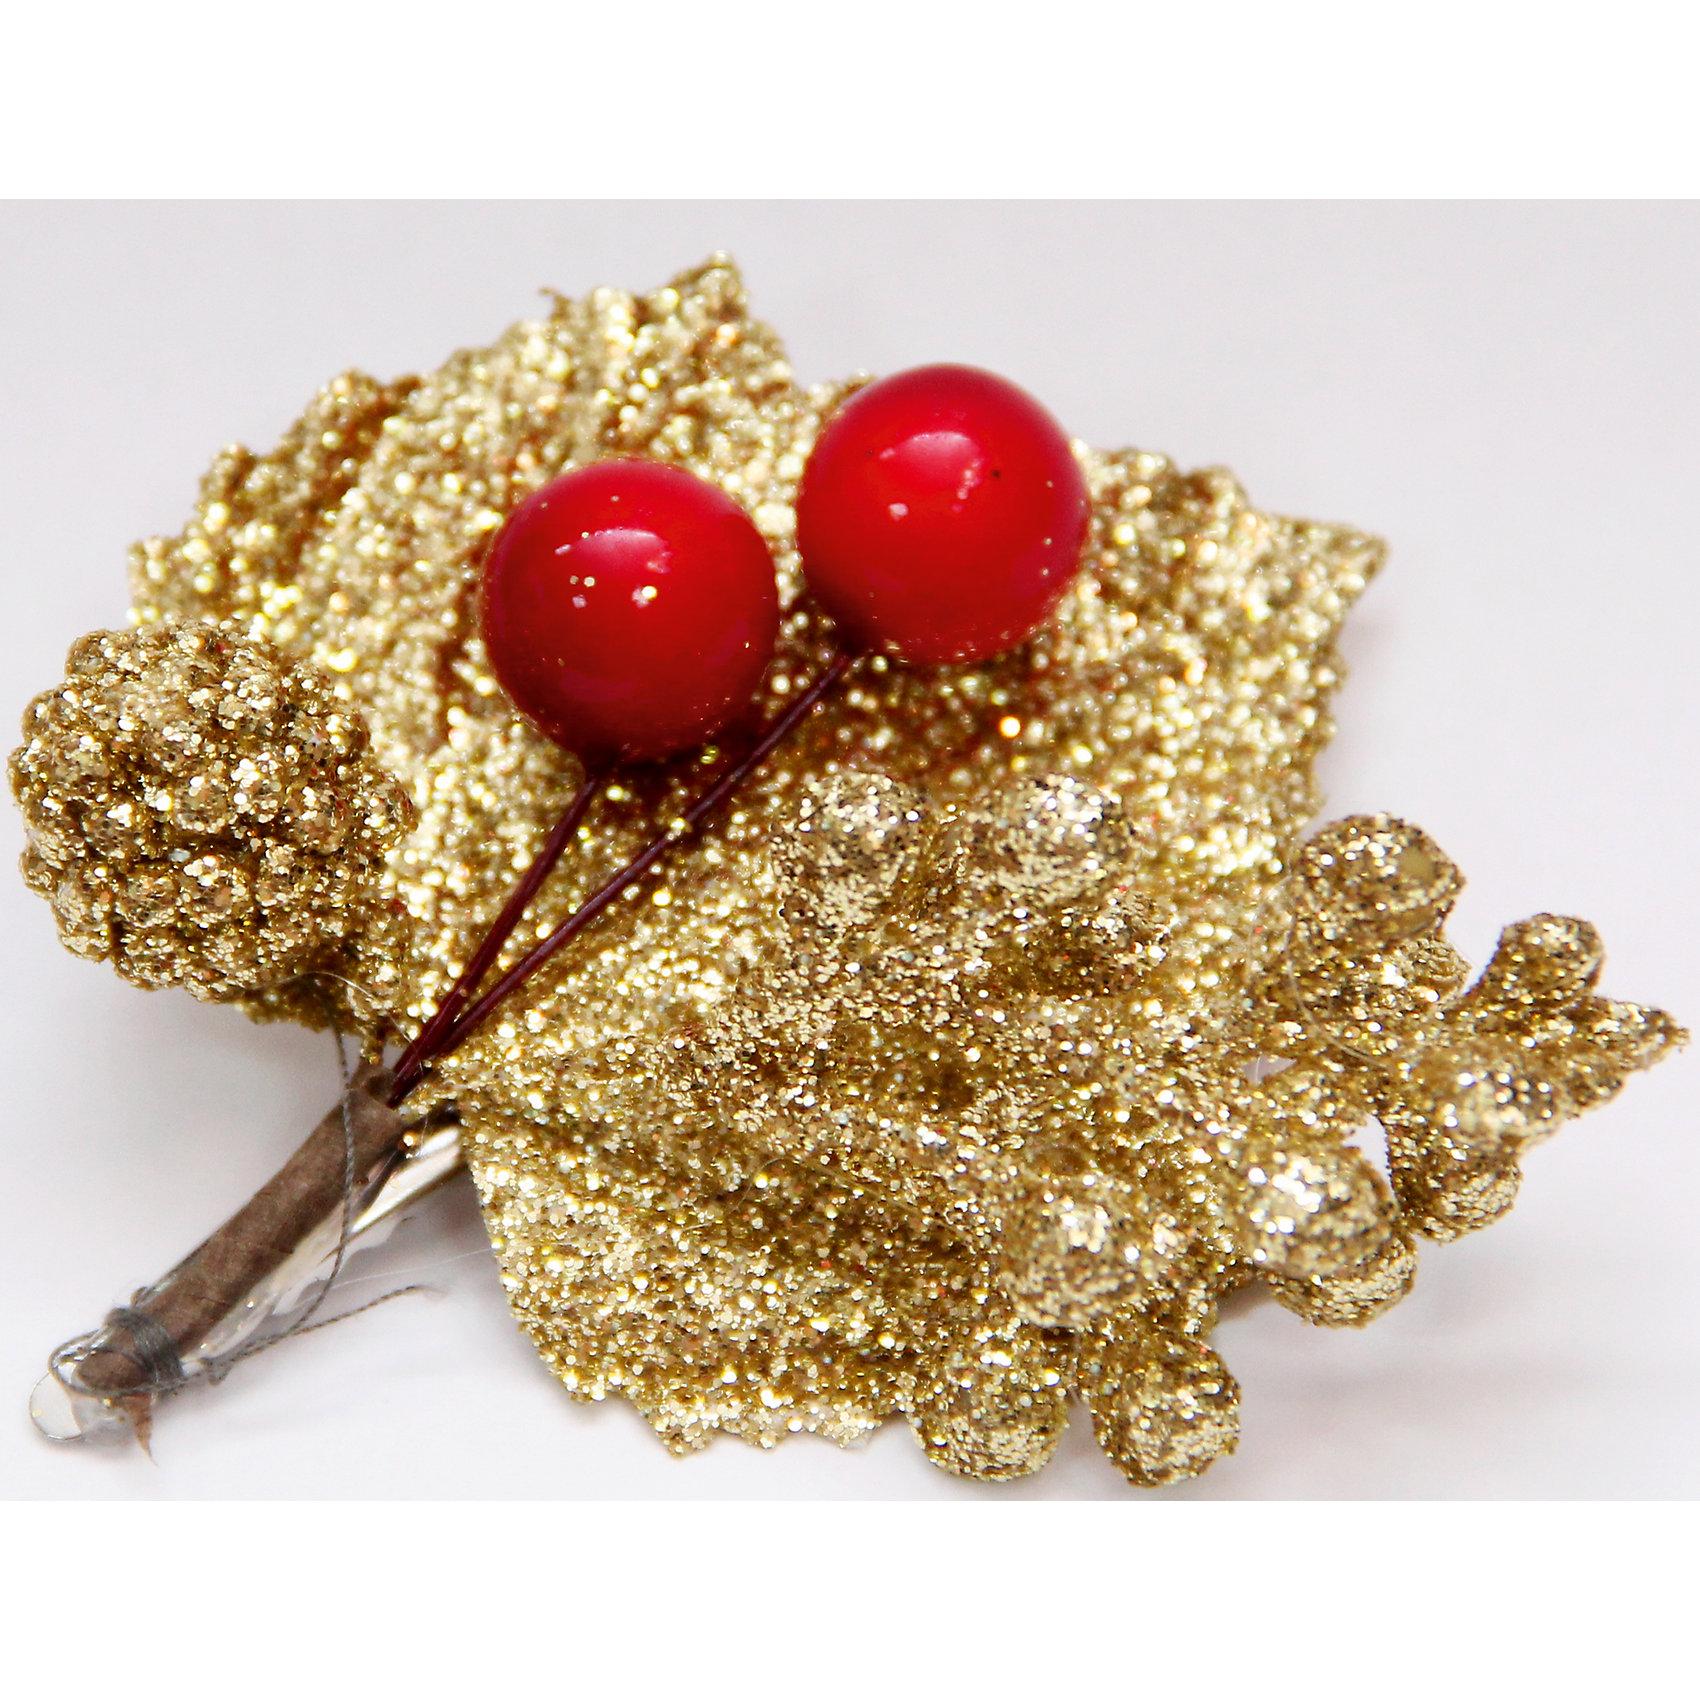 Украшение новогоднее Золотой лепесток с ягодами из пвх на клипсеЁлочные игрушки<br>Украшение новогоднее Лепесток Золотой с Ягодами арт.42507 из пвх на клипсе / 7x8<br><br>Ширина мм: 70<br>Глубина мм: 80<br>Высота мм: 10<br>Вес г: 11<br>Возраст от месяцев: 60<br>Возраст до месяцев: 600<br>Пол: Унисекс<br>Возраст: Детский<br>SKU: 5144583